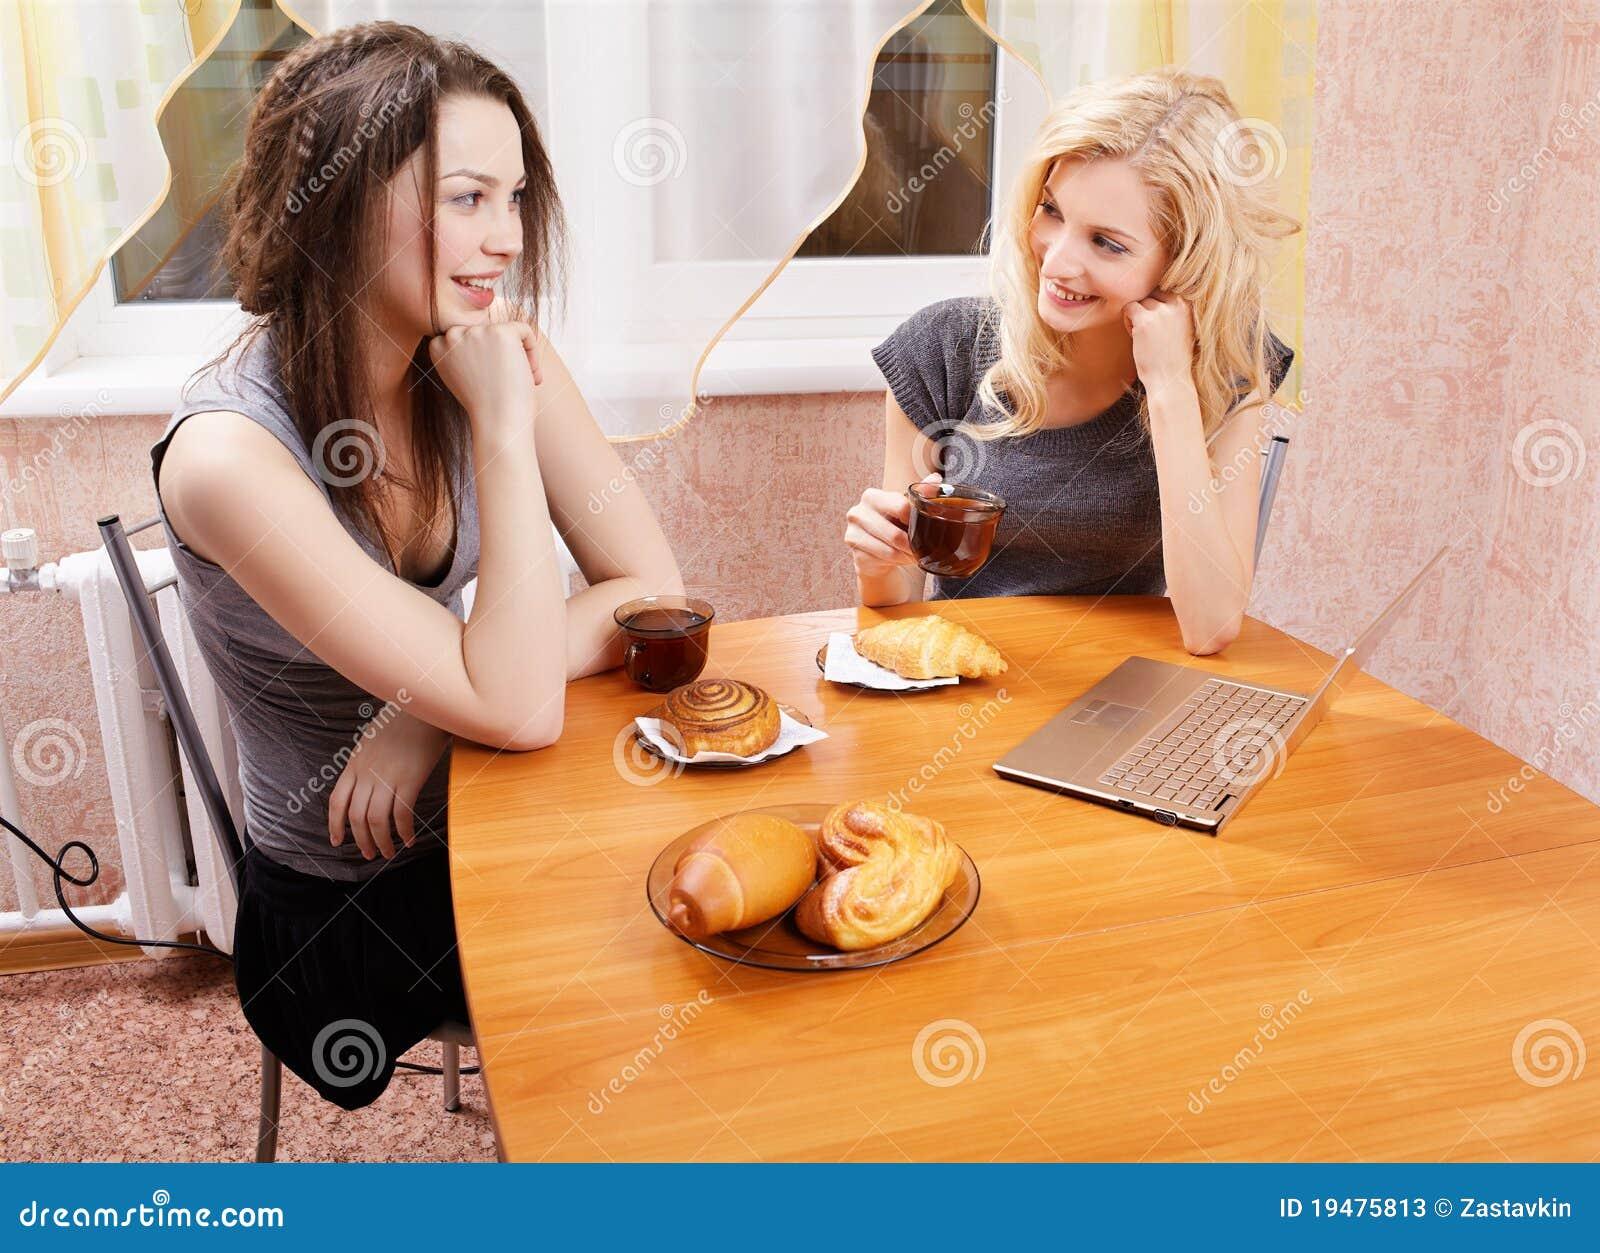 Секс на кухне в гостях 7 фотография